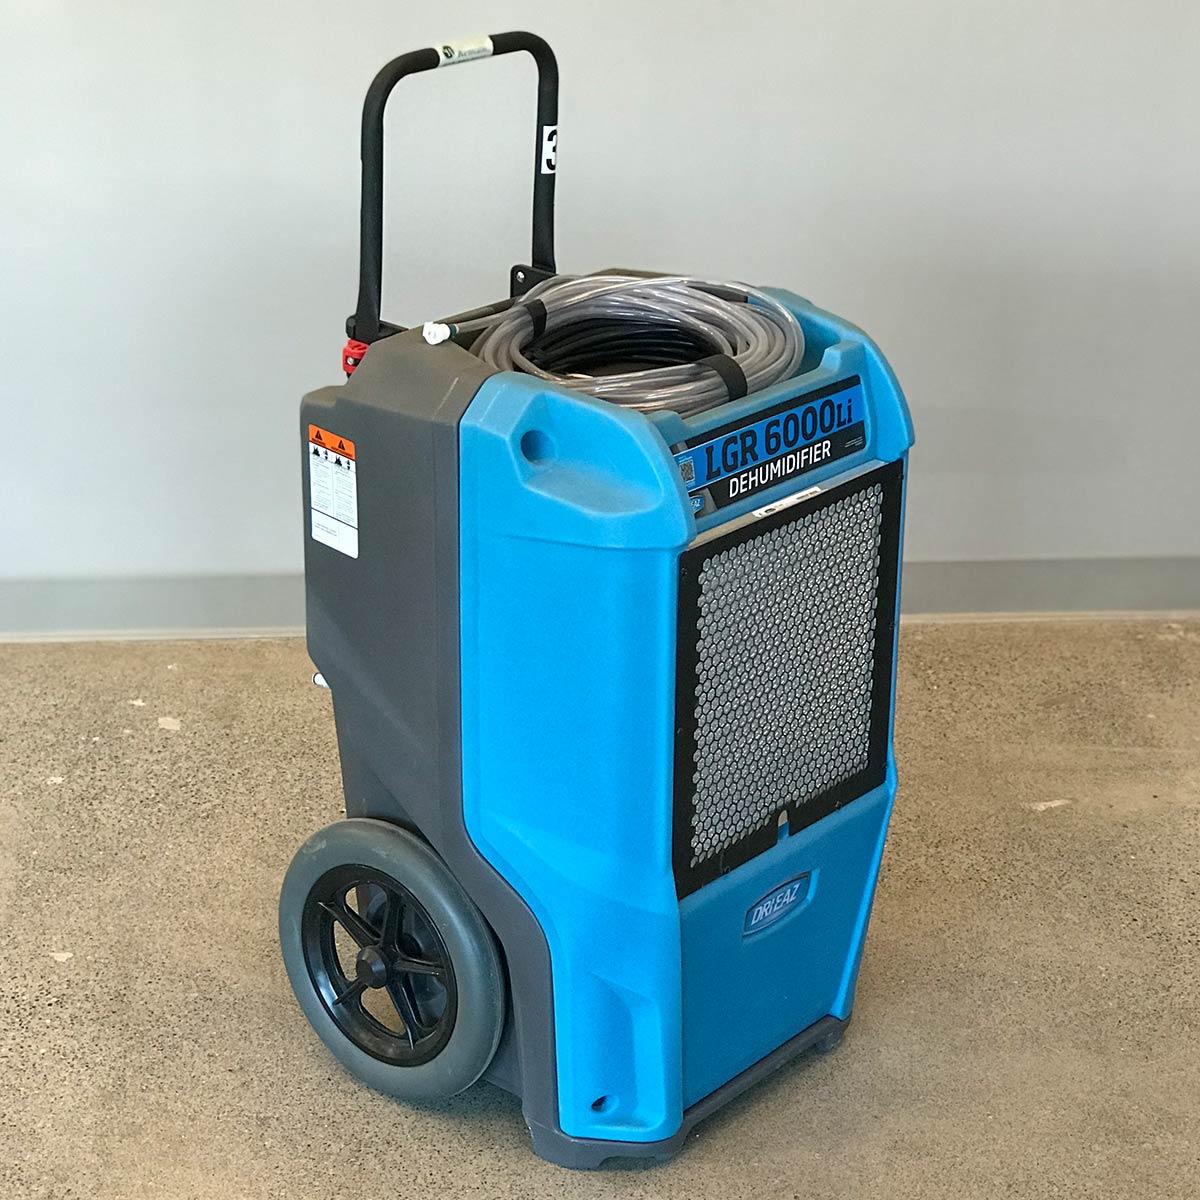 Dri-Eaz Dehumidifier LGR 6000Li (2)